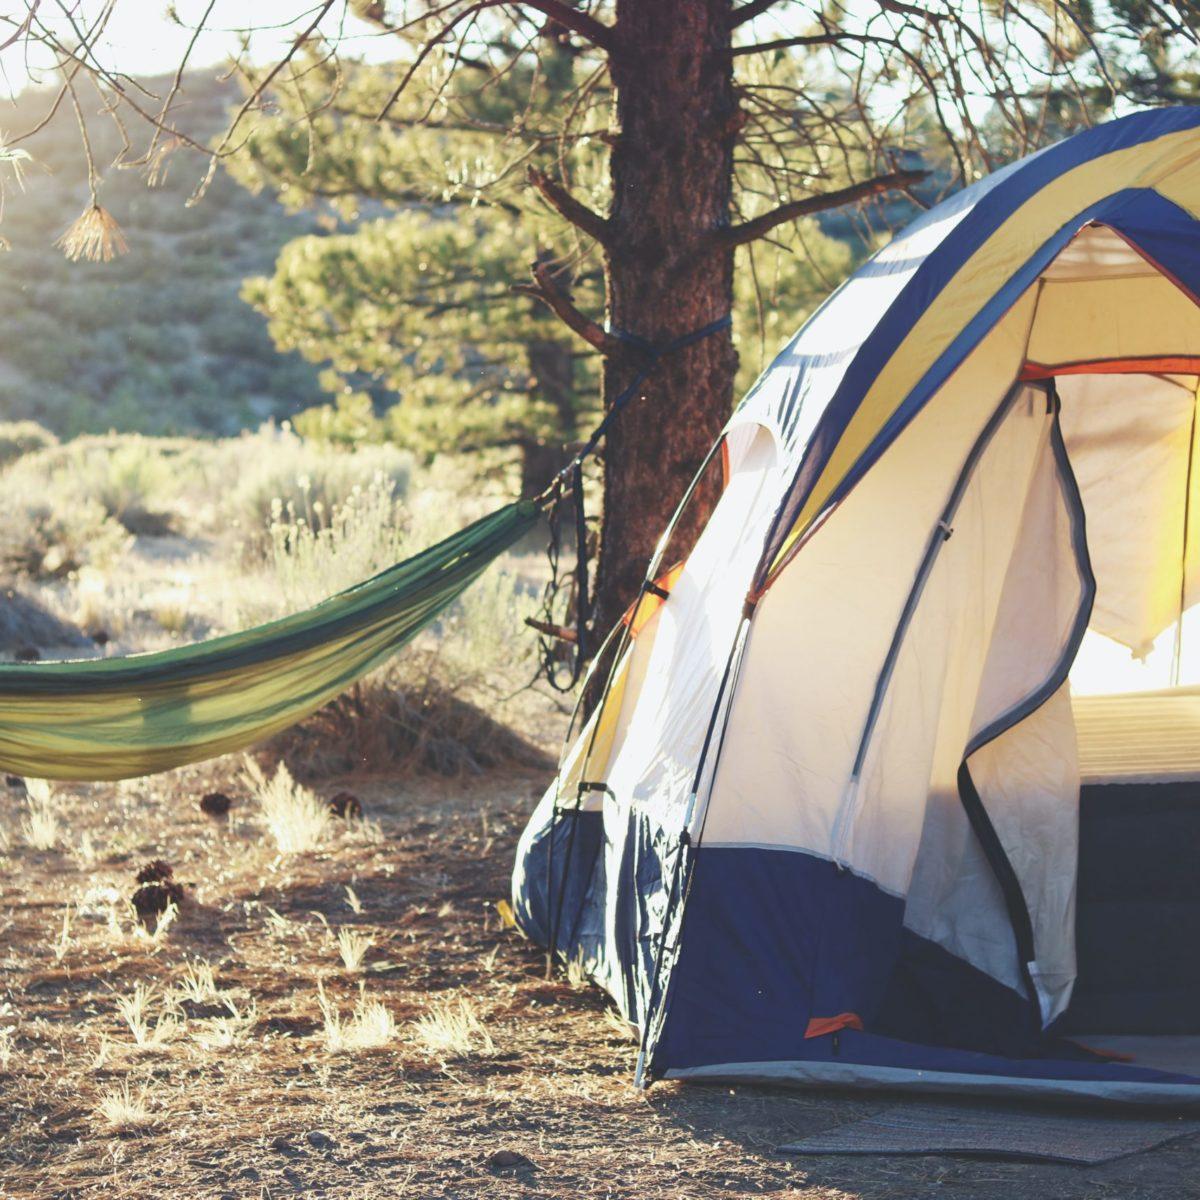 Zelt und Hängematte am Waldrand